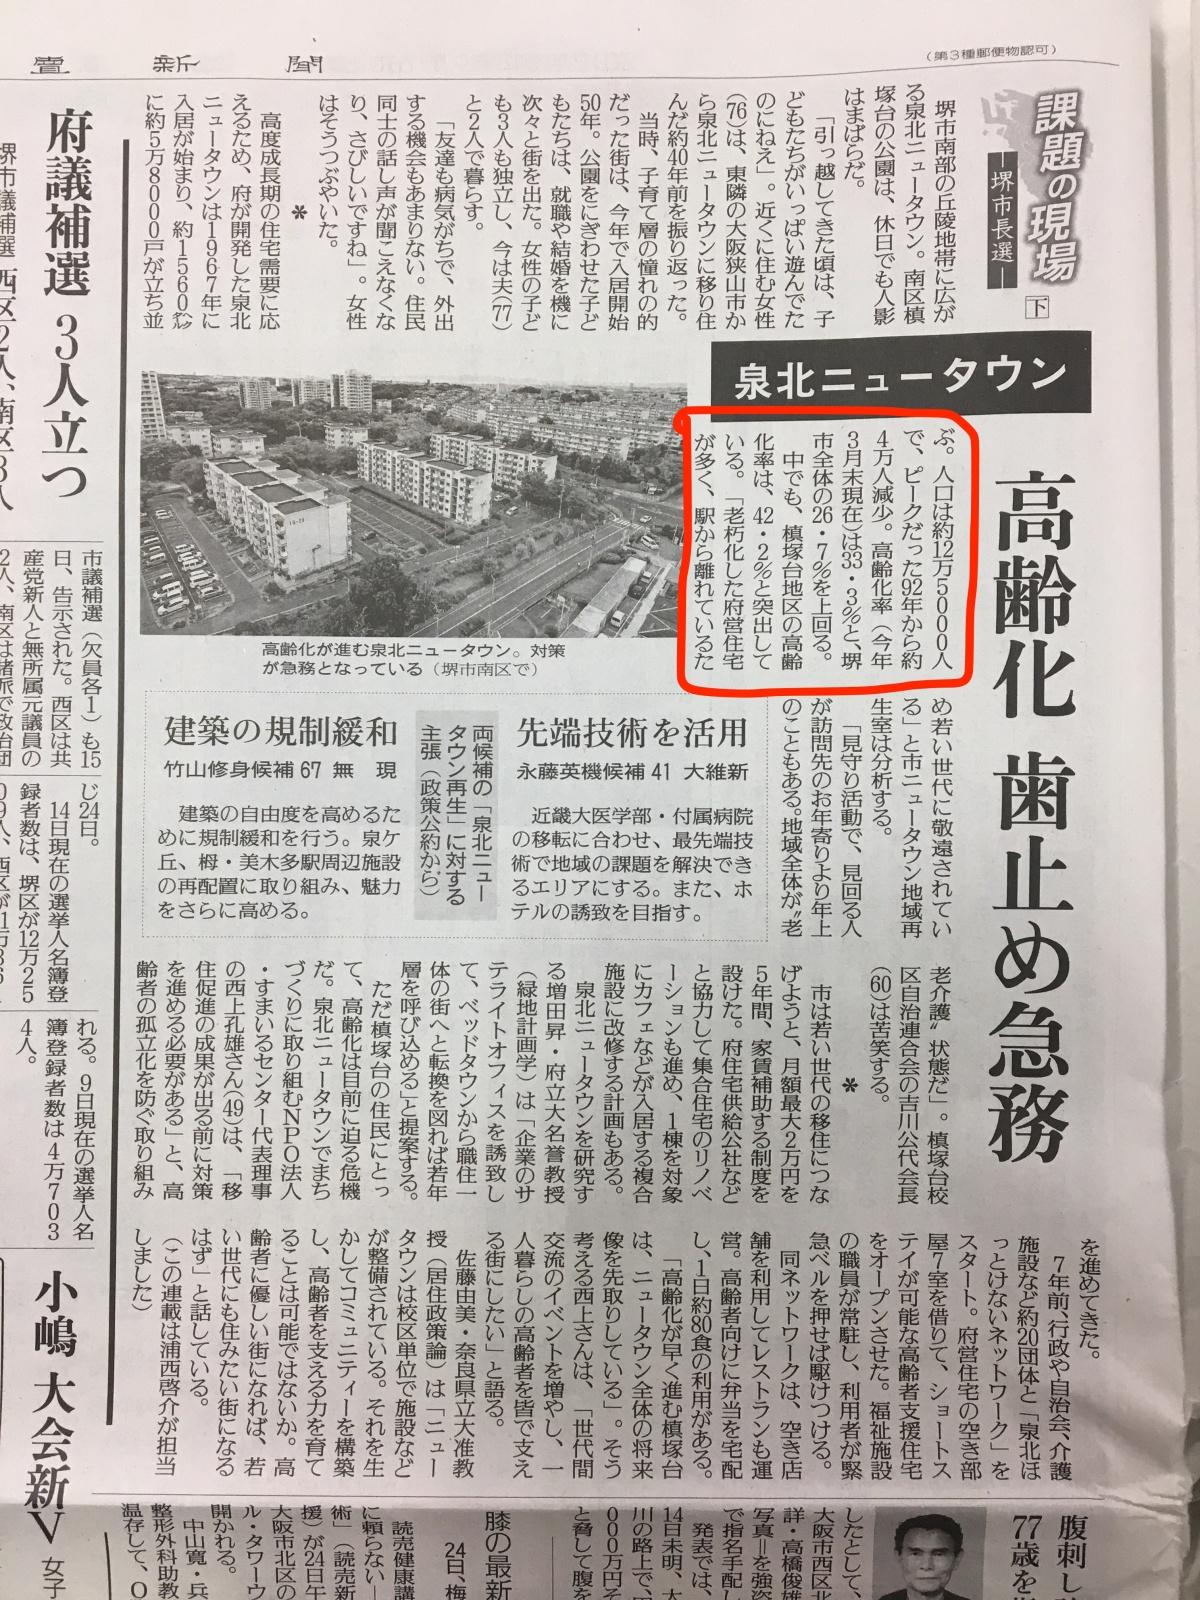 堺市の住宅事情から見る長期安定的な不動産資産形成思考をお伝えします。